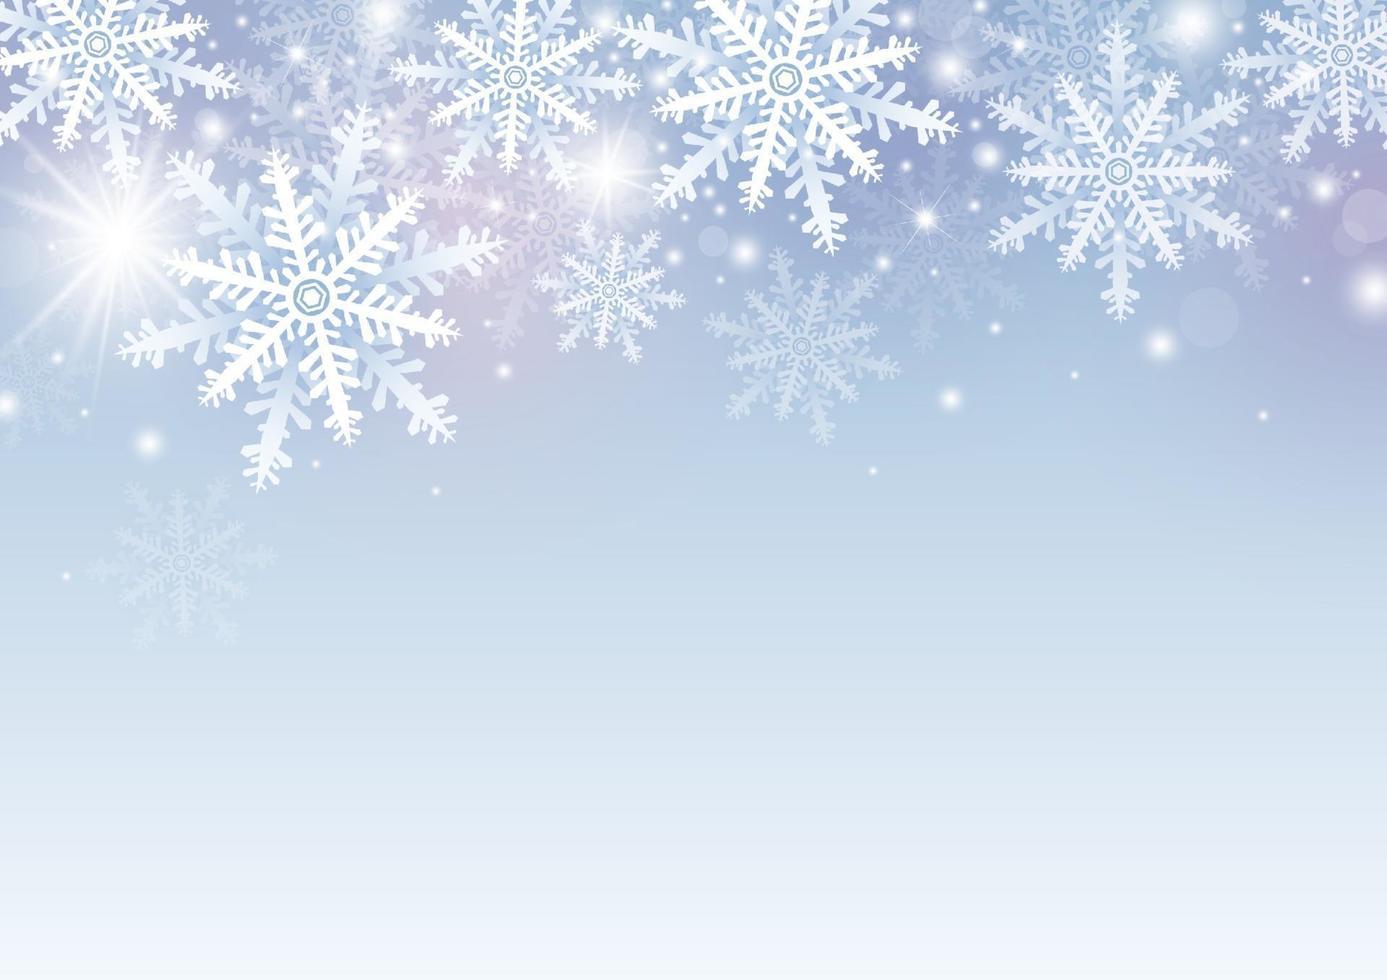 desenho de fundo de natal e inverno de floco de neve branco com ilustração vetorial de cópia espaço vetor